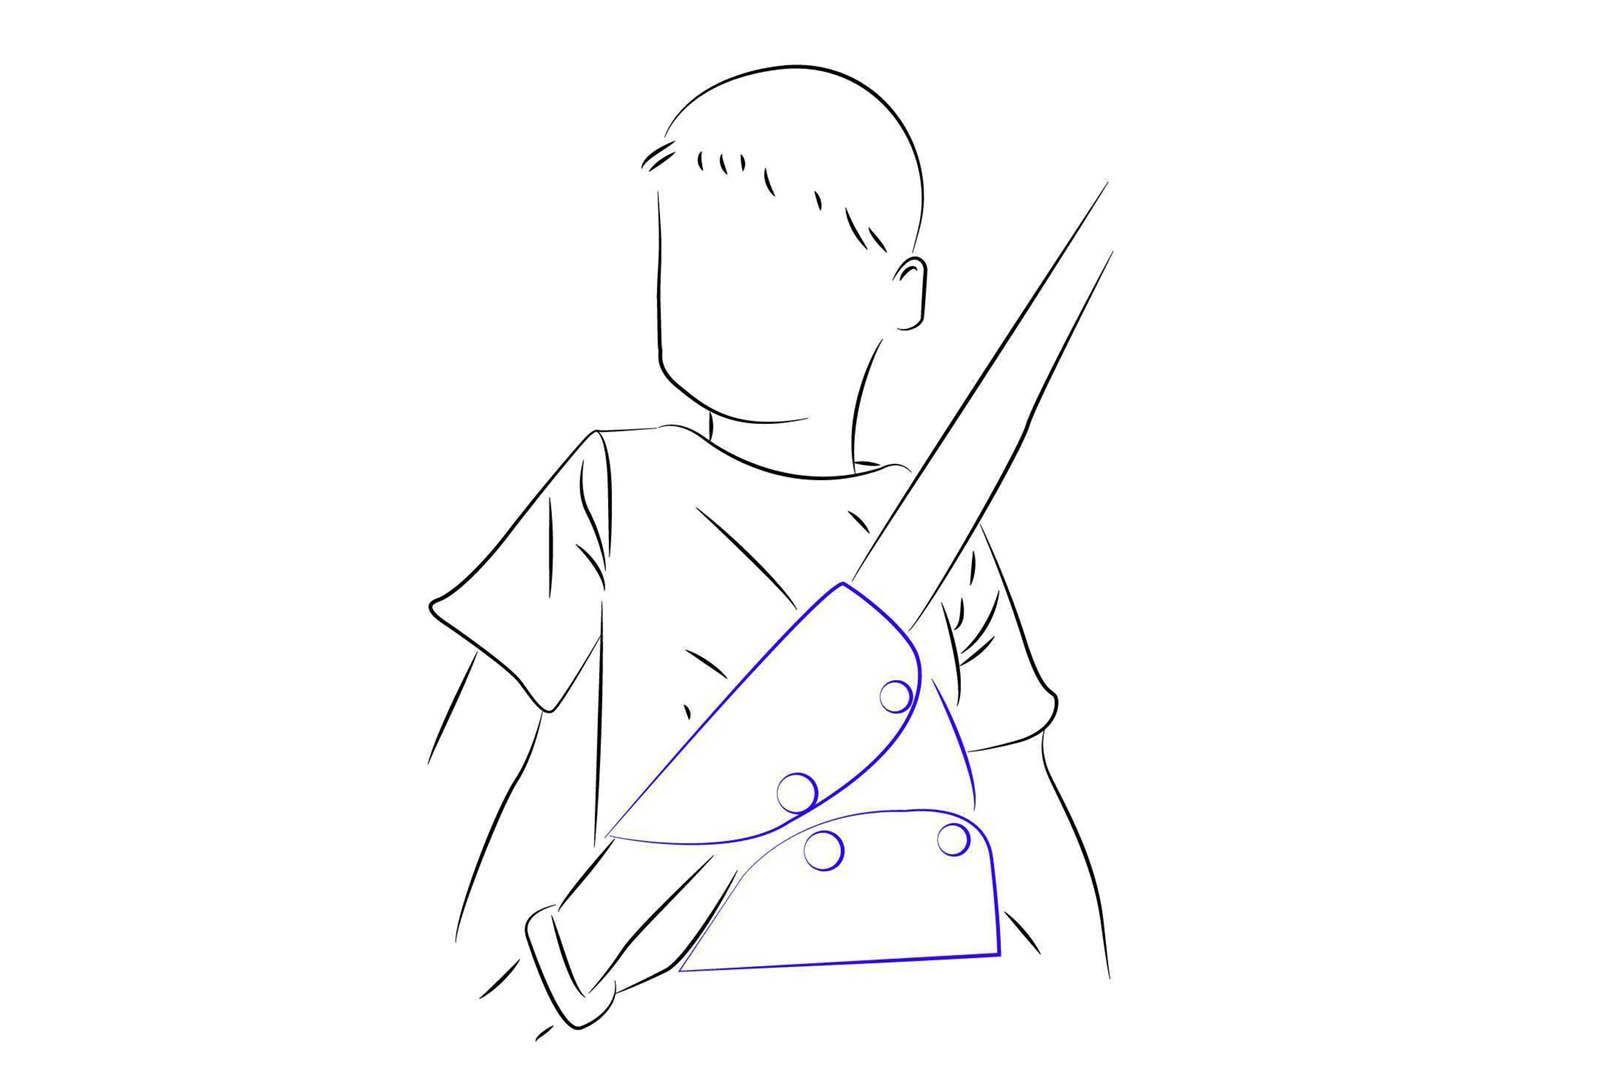 Корректор ремня безопасности для детей с какого возраста